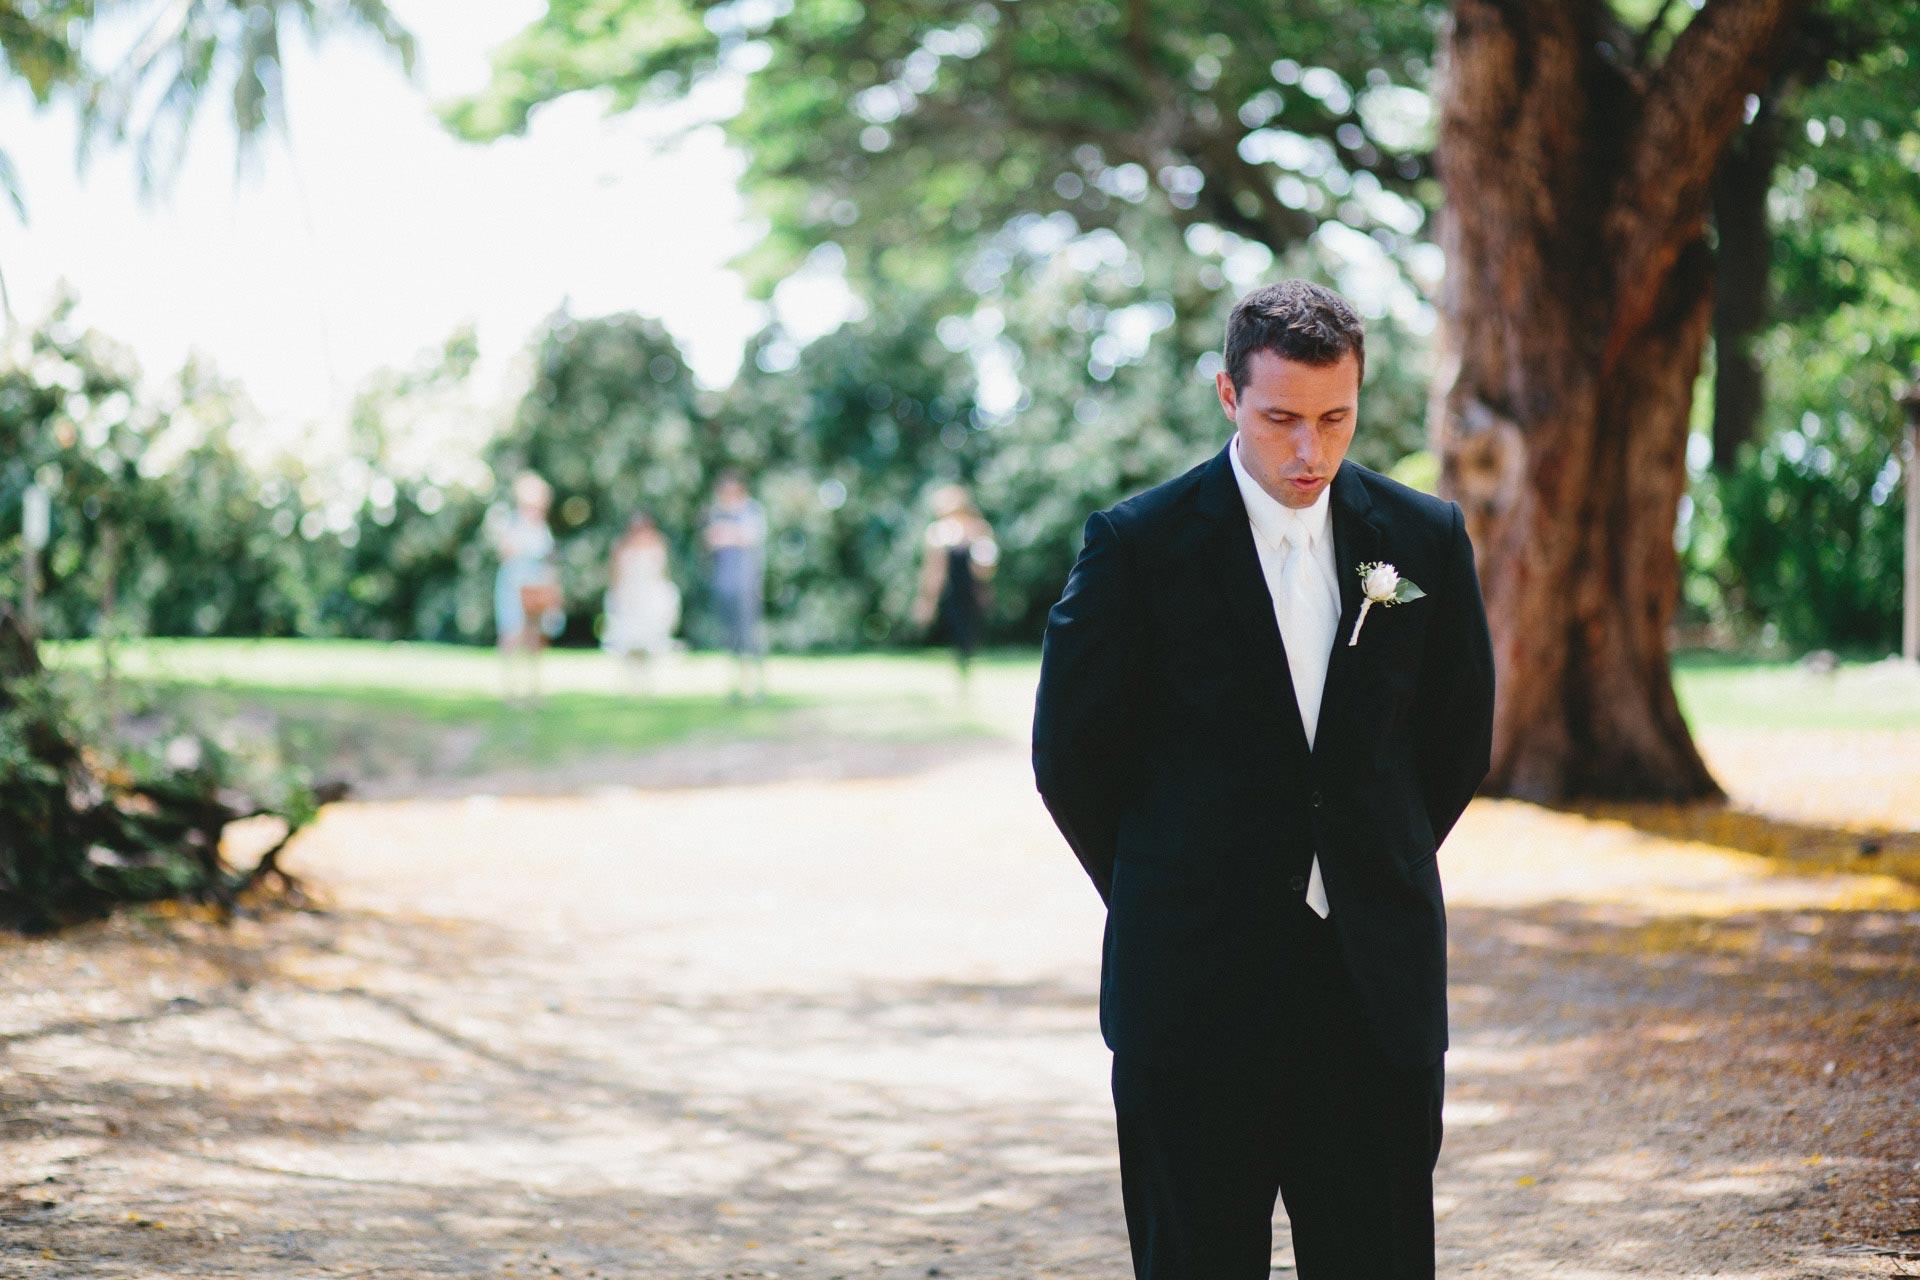 KW-Maui-Hawaii-Wedding-045@2x.jpg